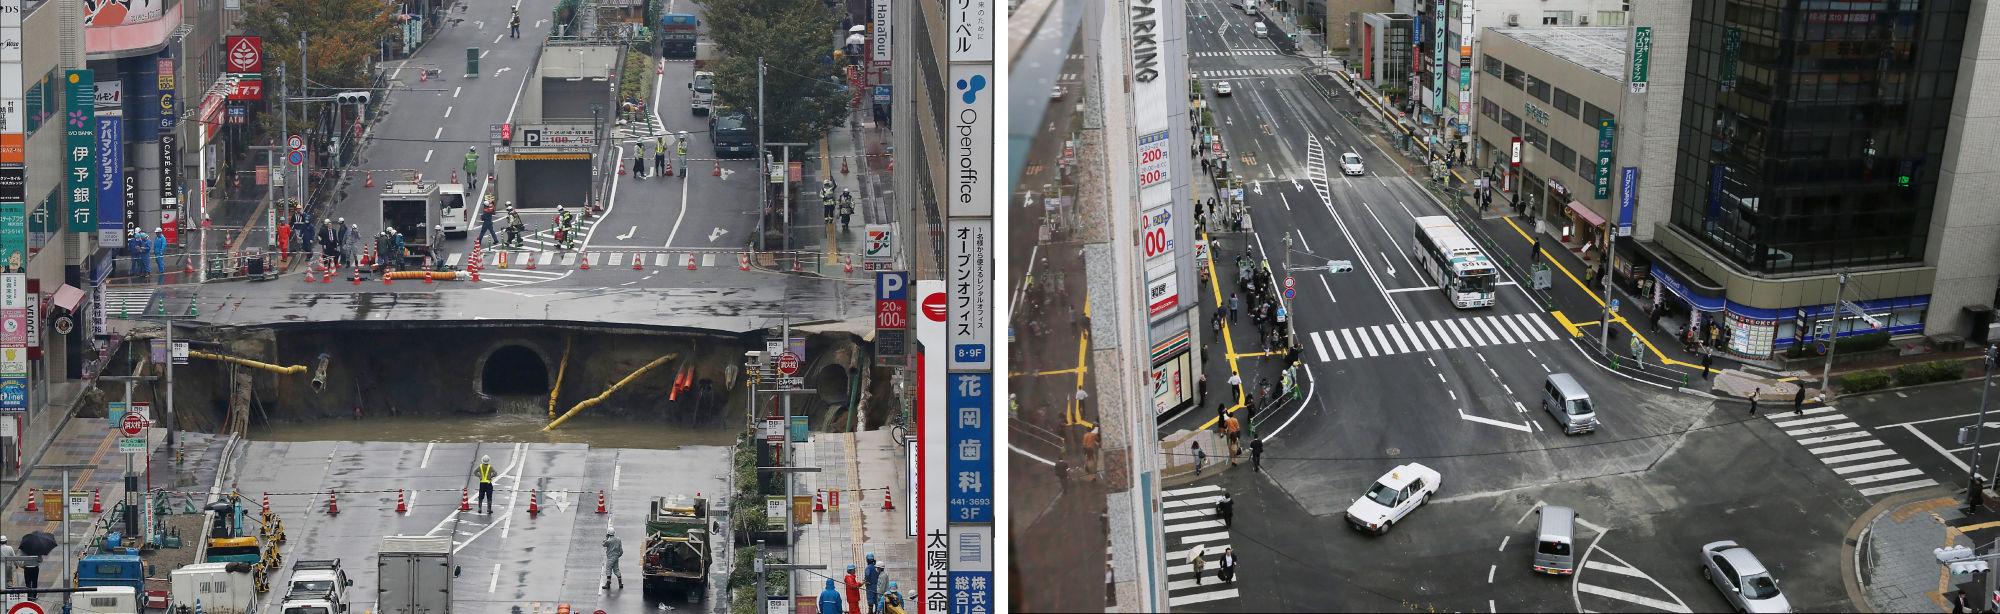 Megsüllyedt az óriáslyuk Japánban, amit már egyszer kisebb csodával befoltoztak